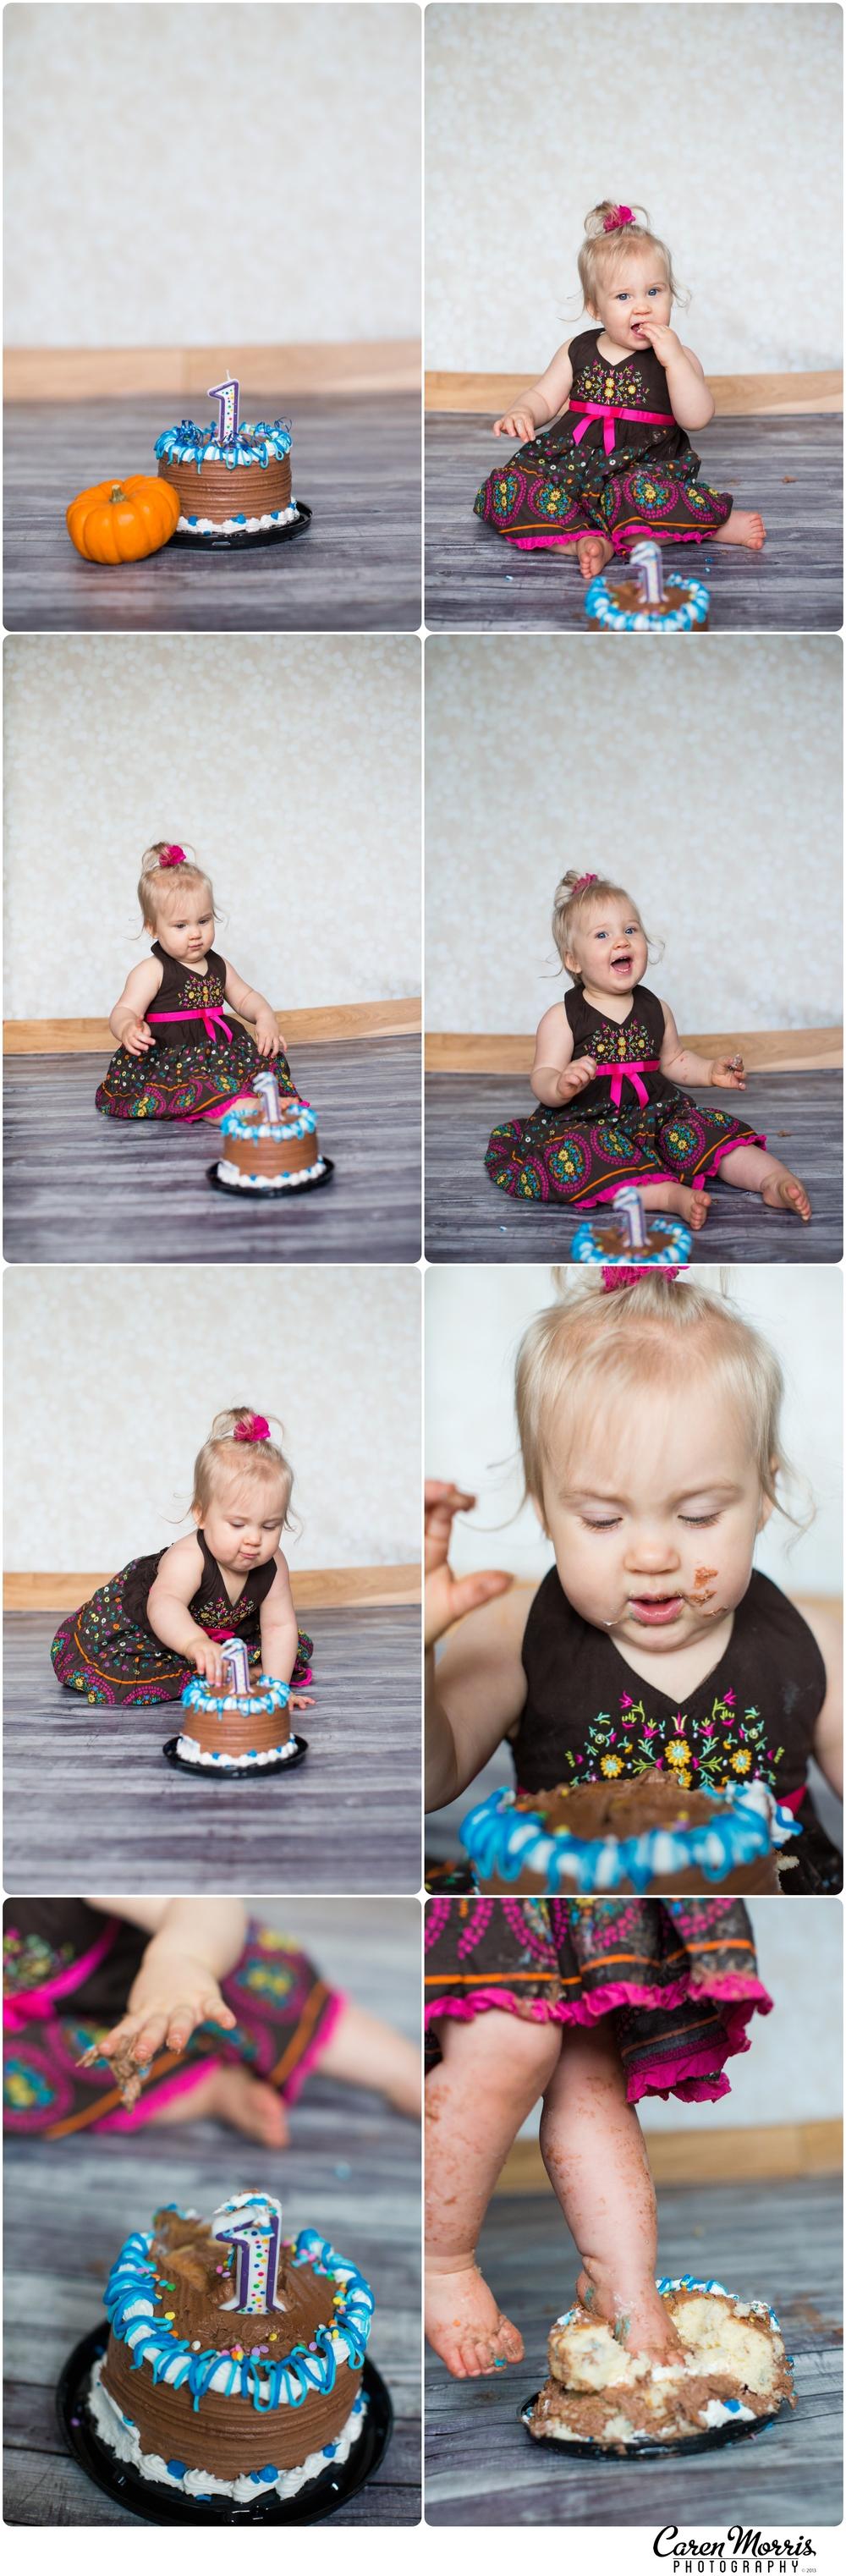 cake-smash-photography-seattle001